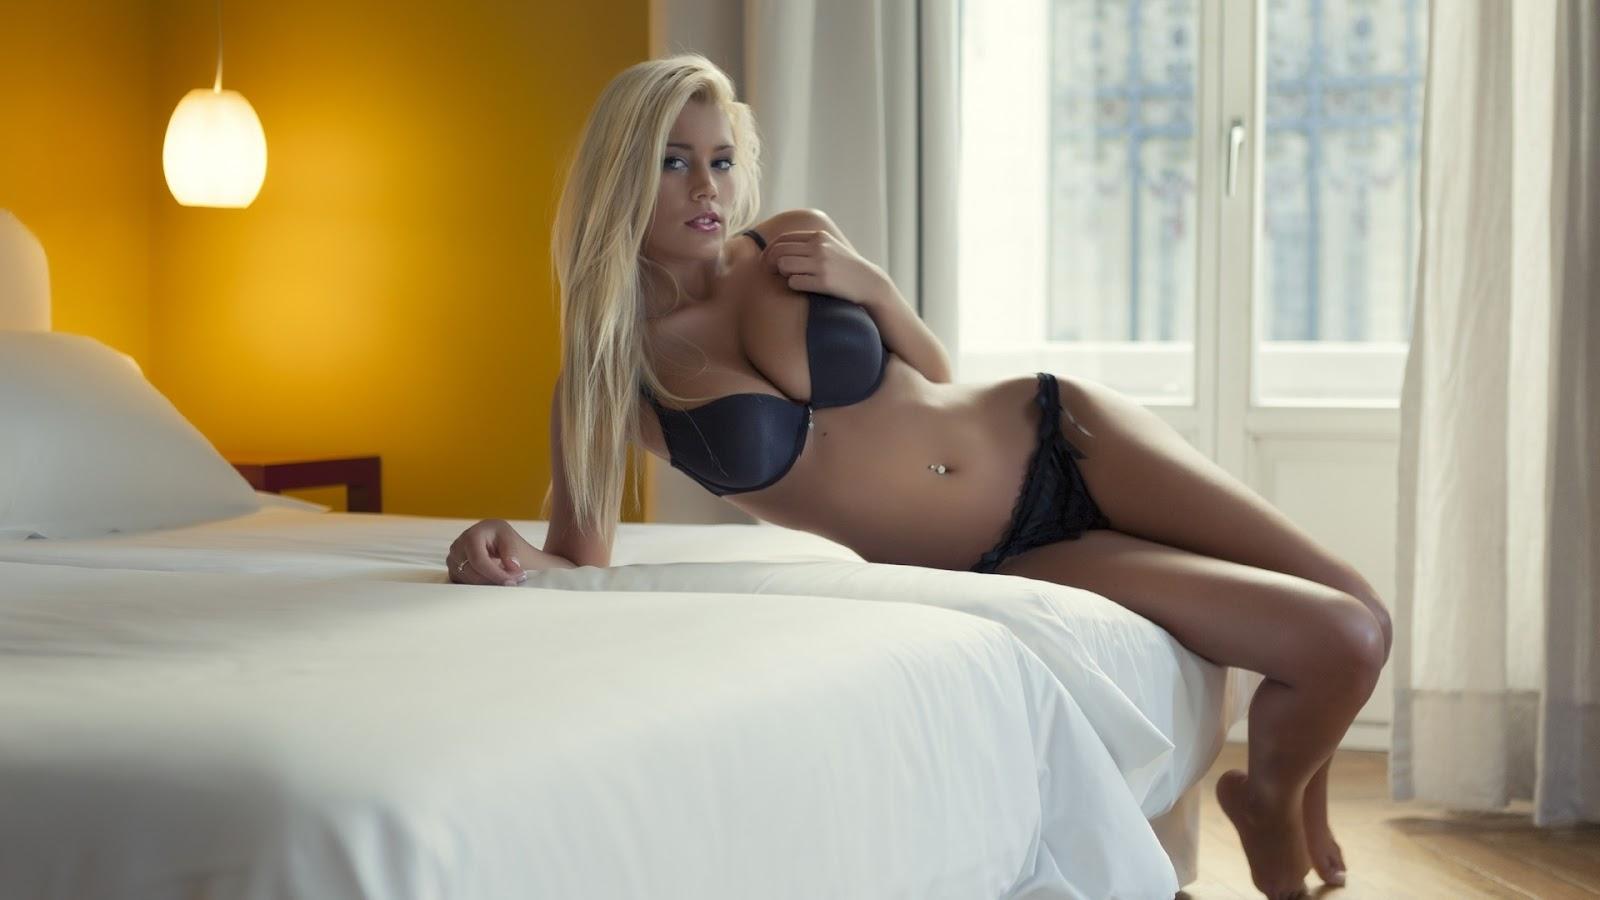 Самые красивые голы девушек 9 фотография